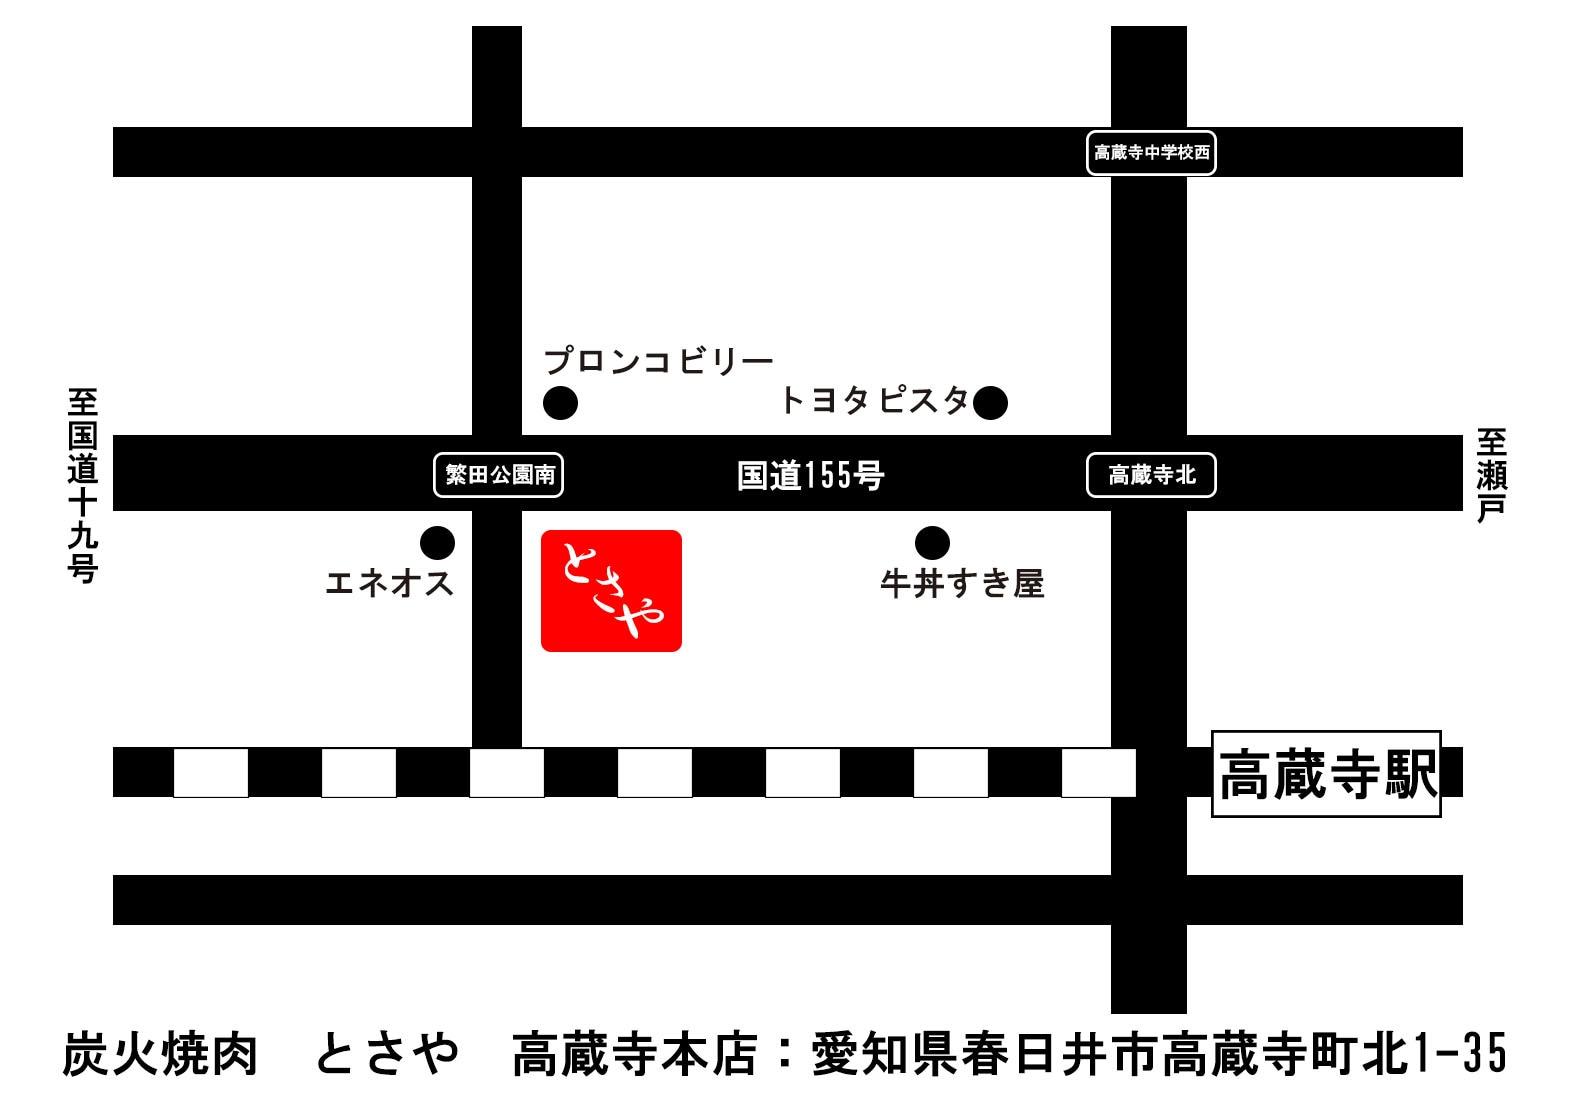 名古屋 焼肉 炭火焼肉とさや 高蔵寺本店 名古屋で焼肉ならとさや 黒毛和牛1頭買いの老舗